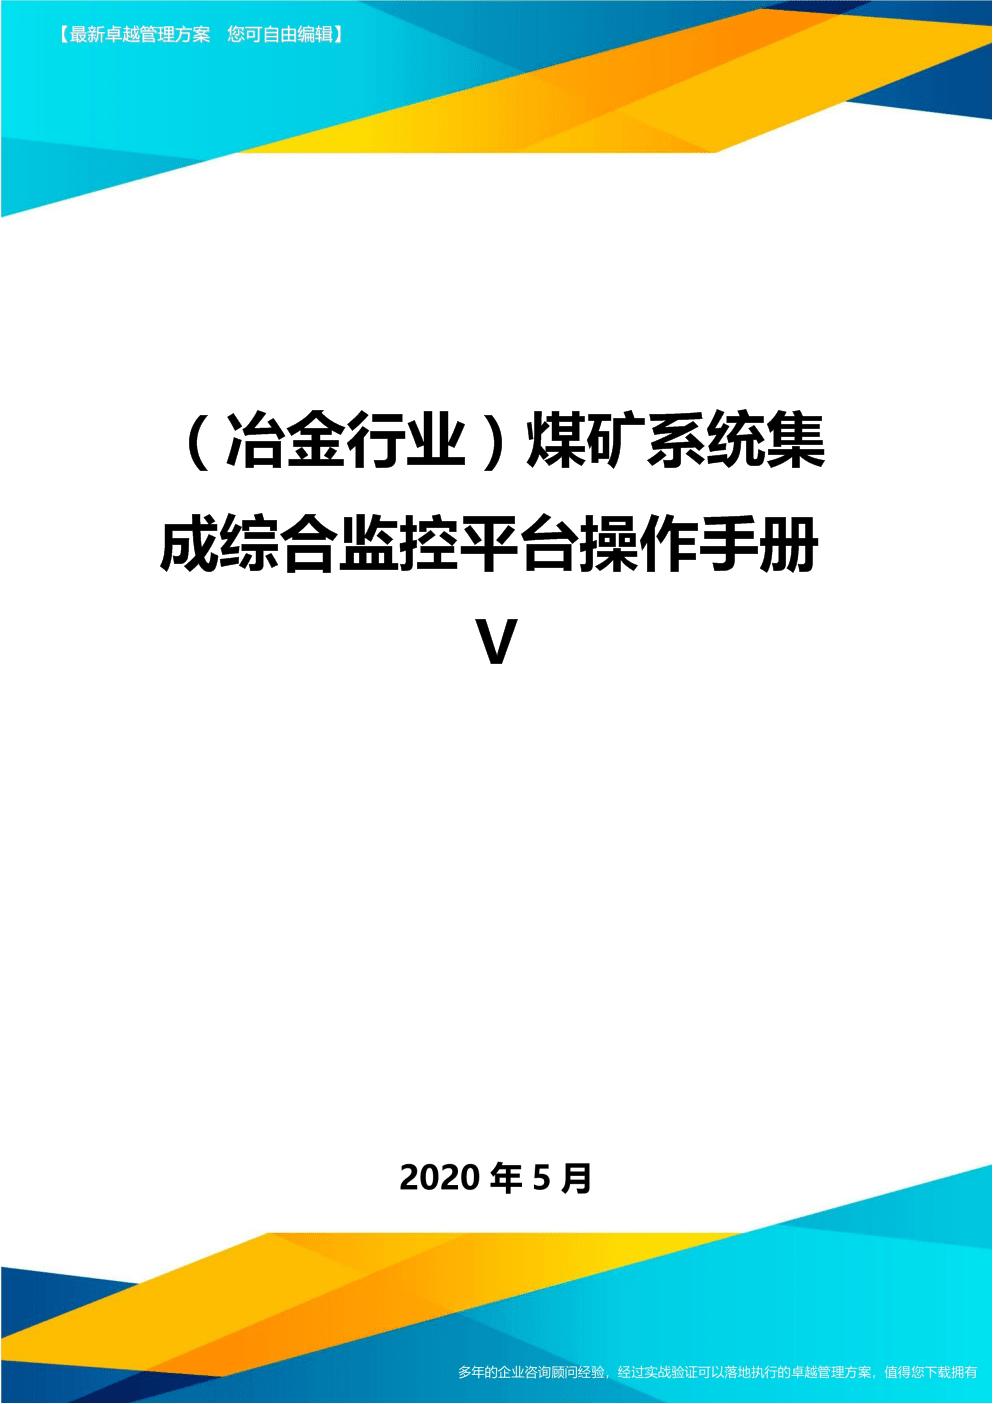 (優質)(冶金行業)煤礦系統集成綜合監控平臺操作手冊V(優質).doc